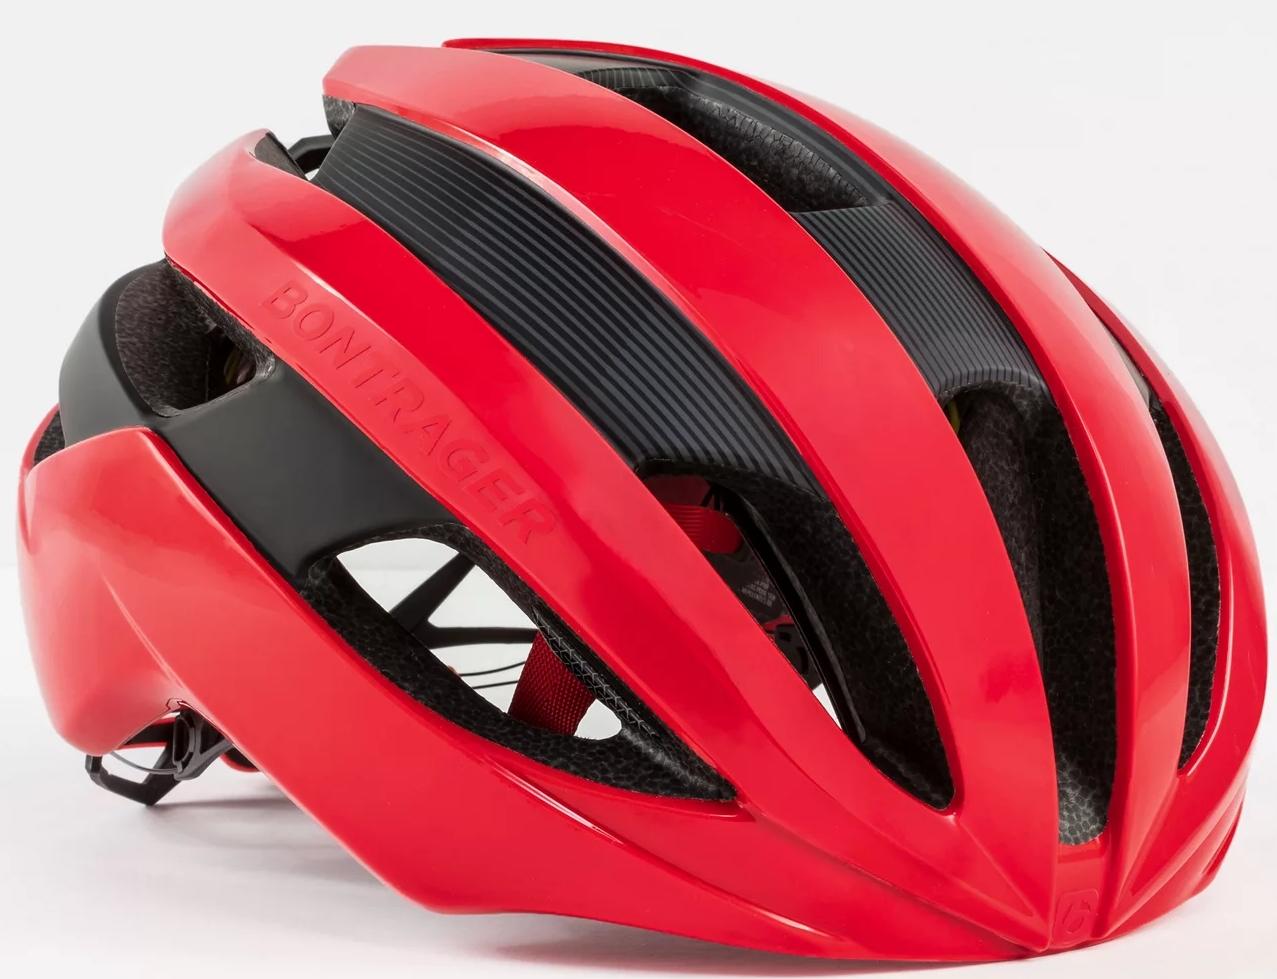 Bontrager Velocis MIPS Road Helmet - viper red L-(58-63)